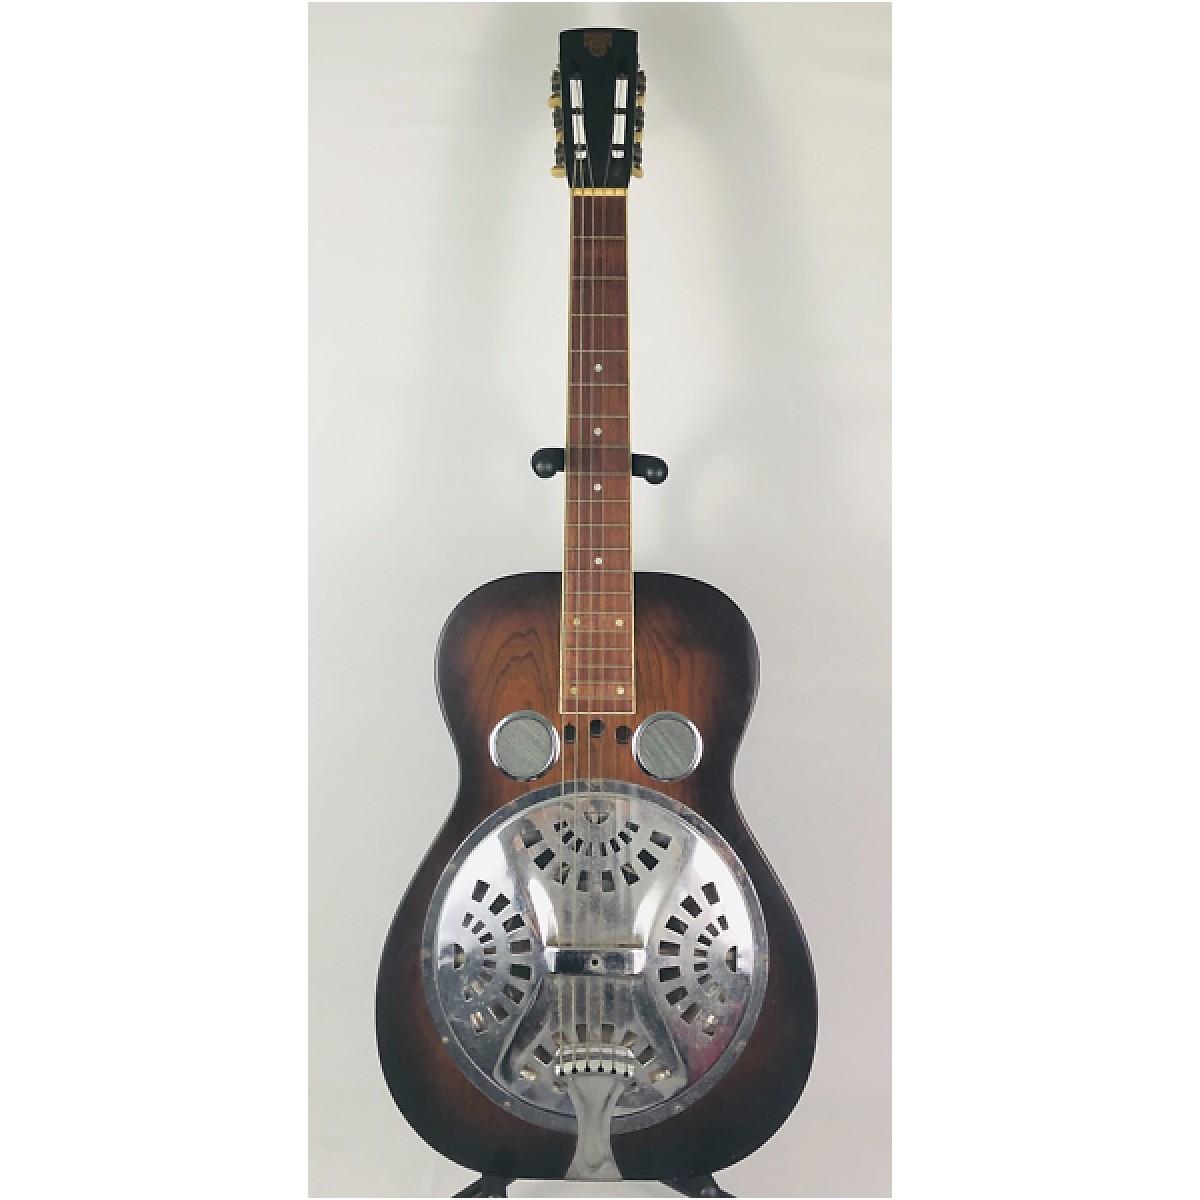 Dobro 1930s Model 60 Square Neck Resonator Guitar